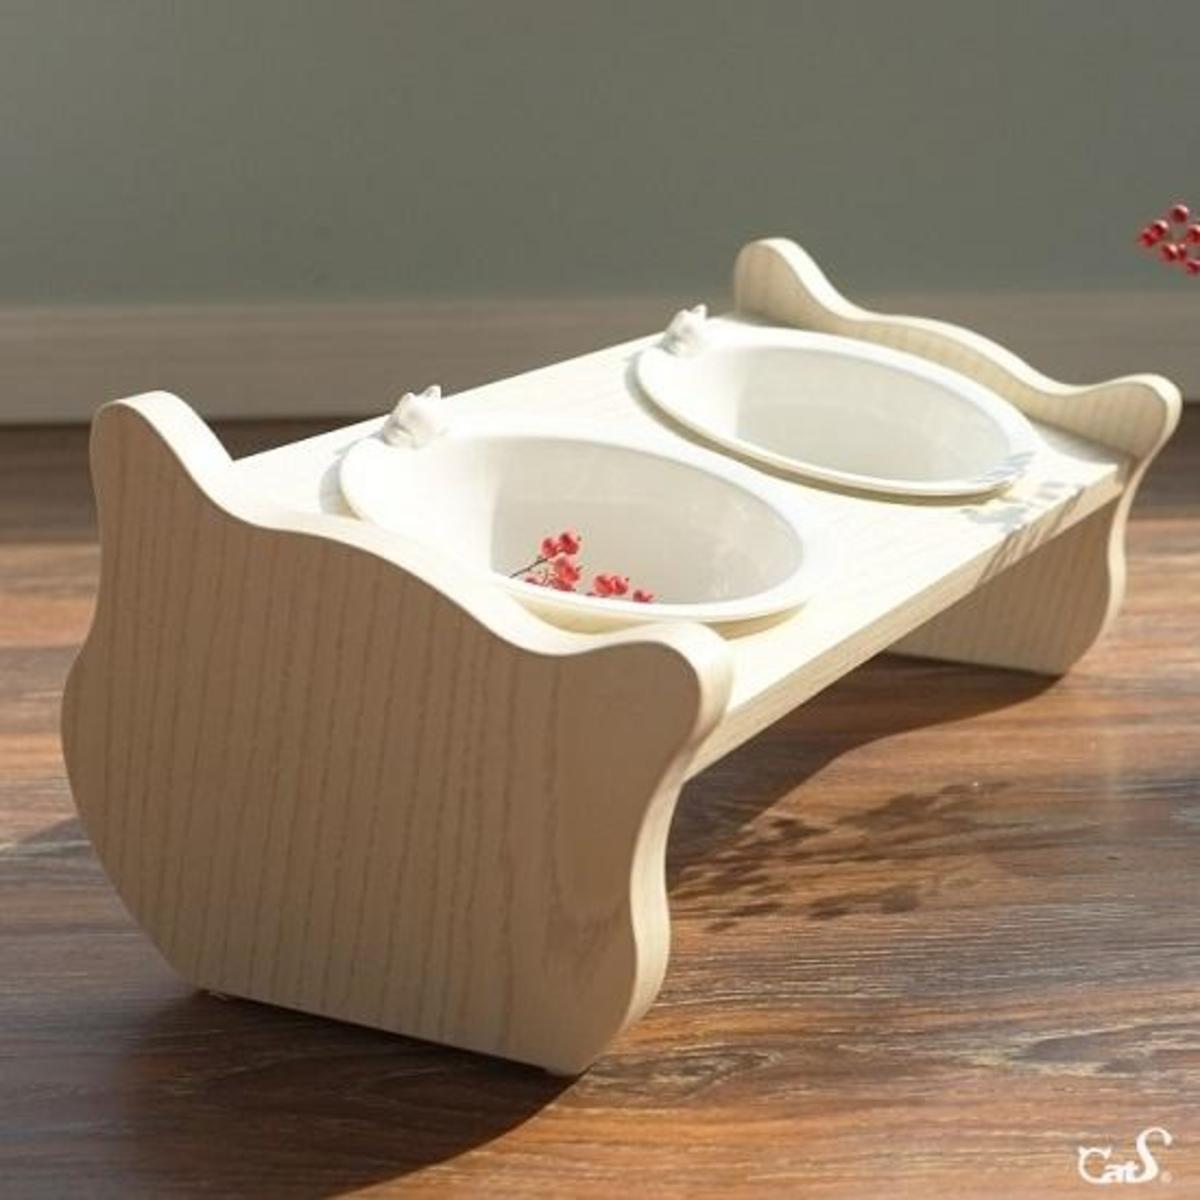 斜面木製雙碗貓餐桌 (雙碗)